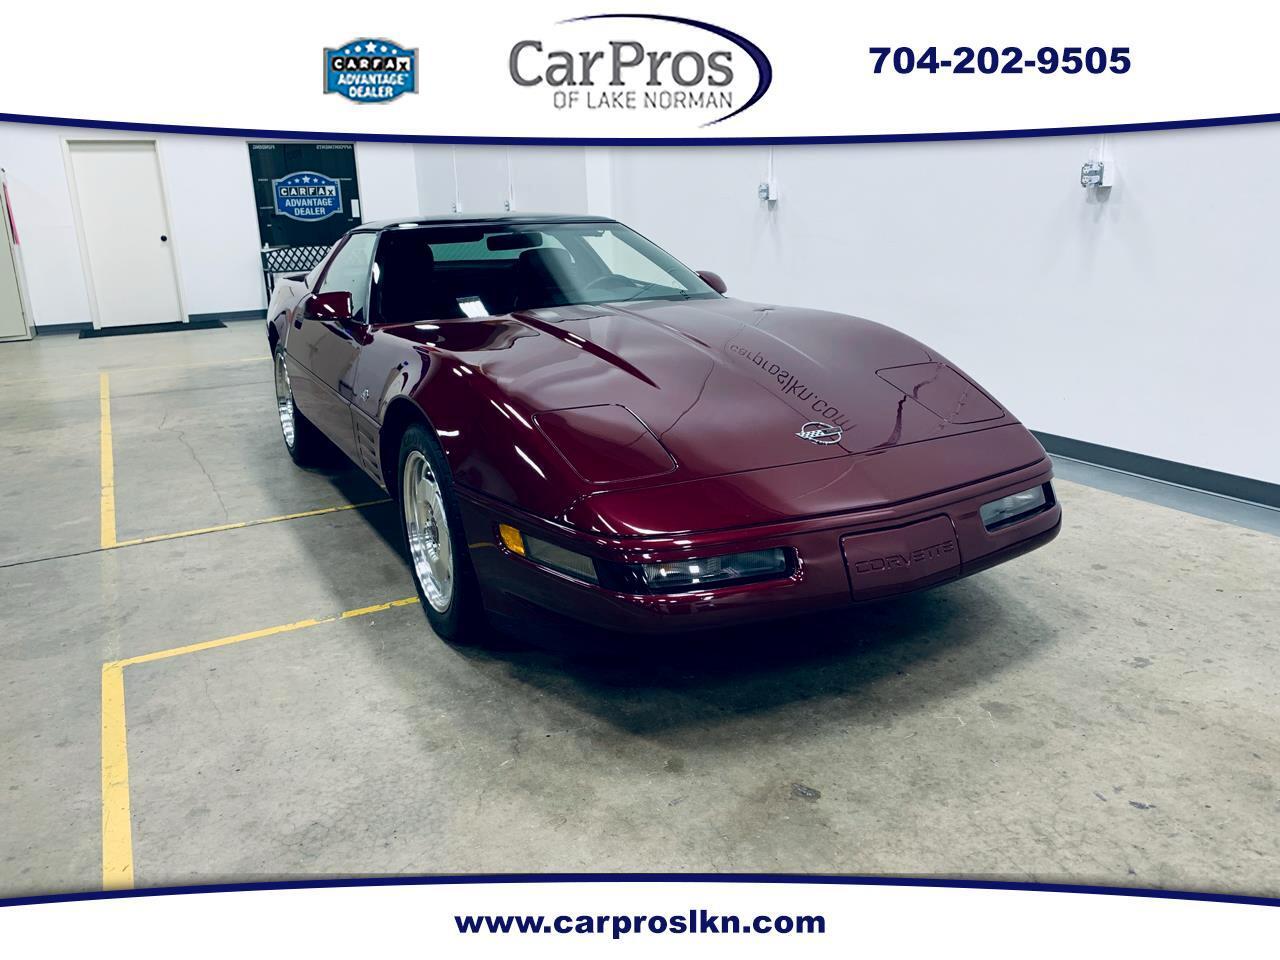 1993 Chevrolet Corvette 40th Anniversary Edition Coupe